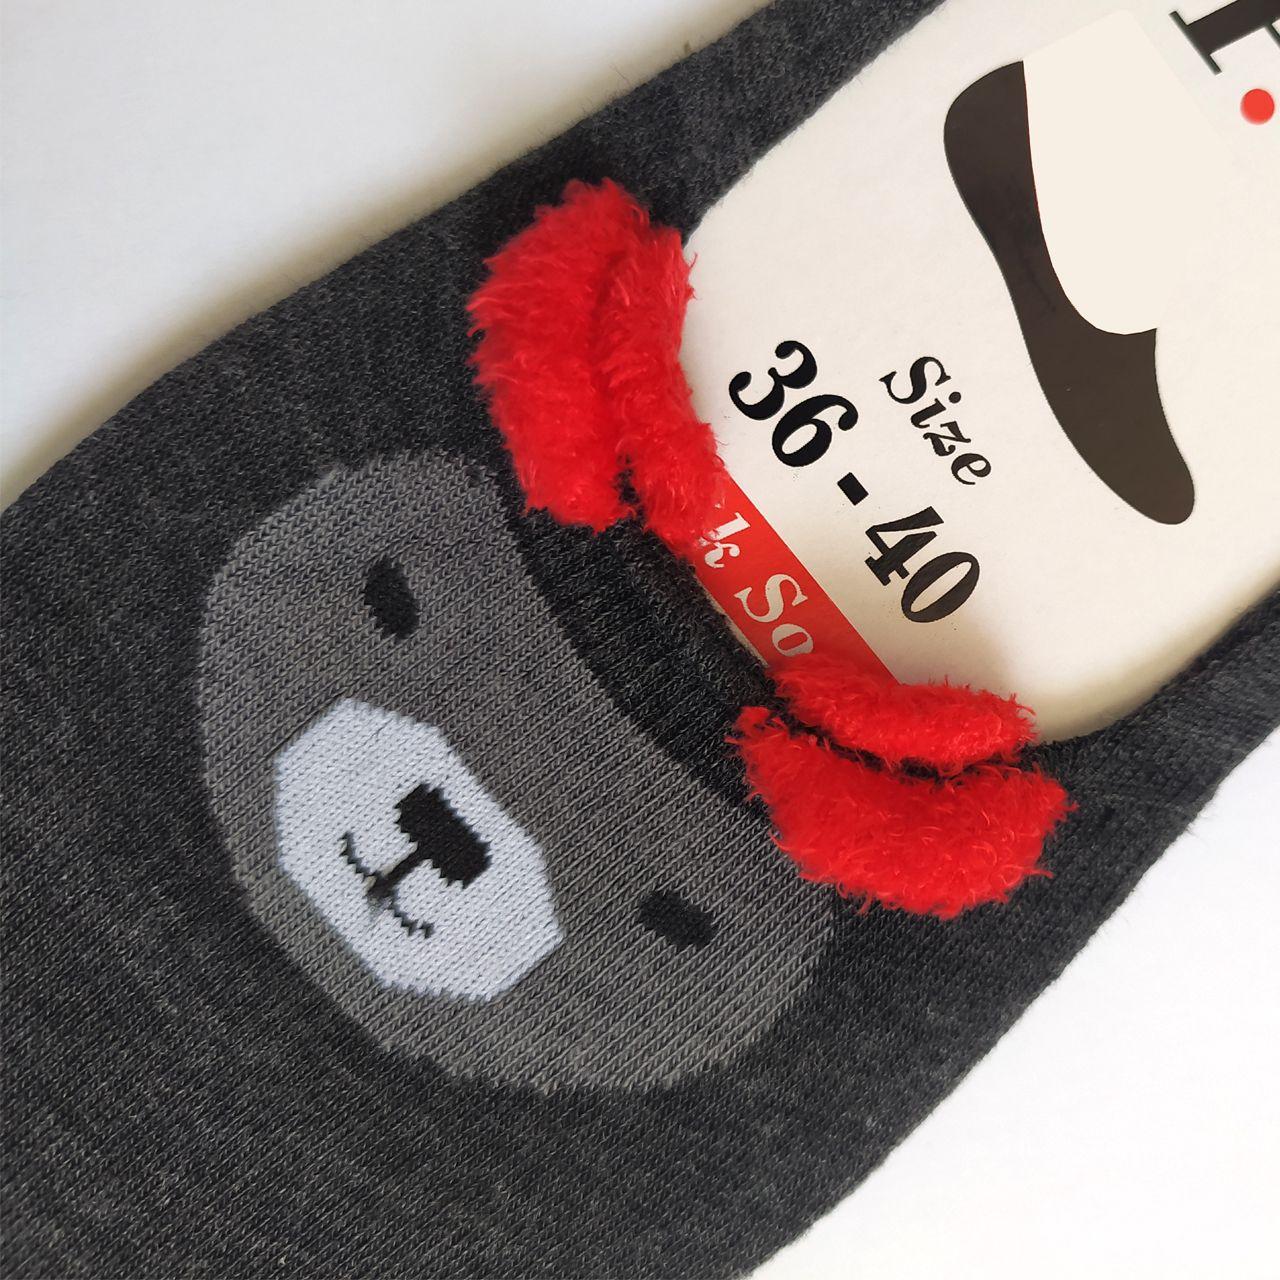 جوراب زنانه پی تی طرح خرس کد J016 -  - 3